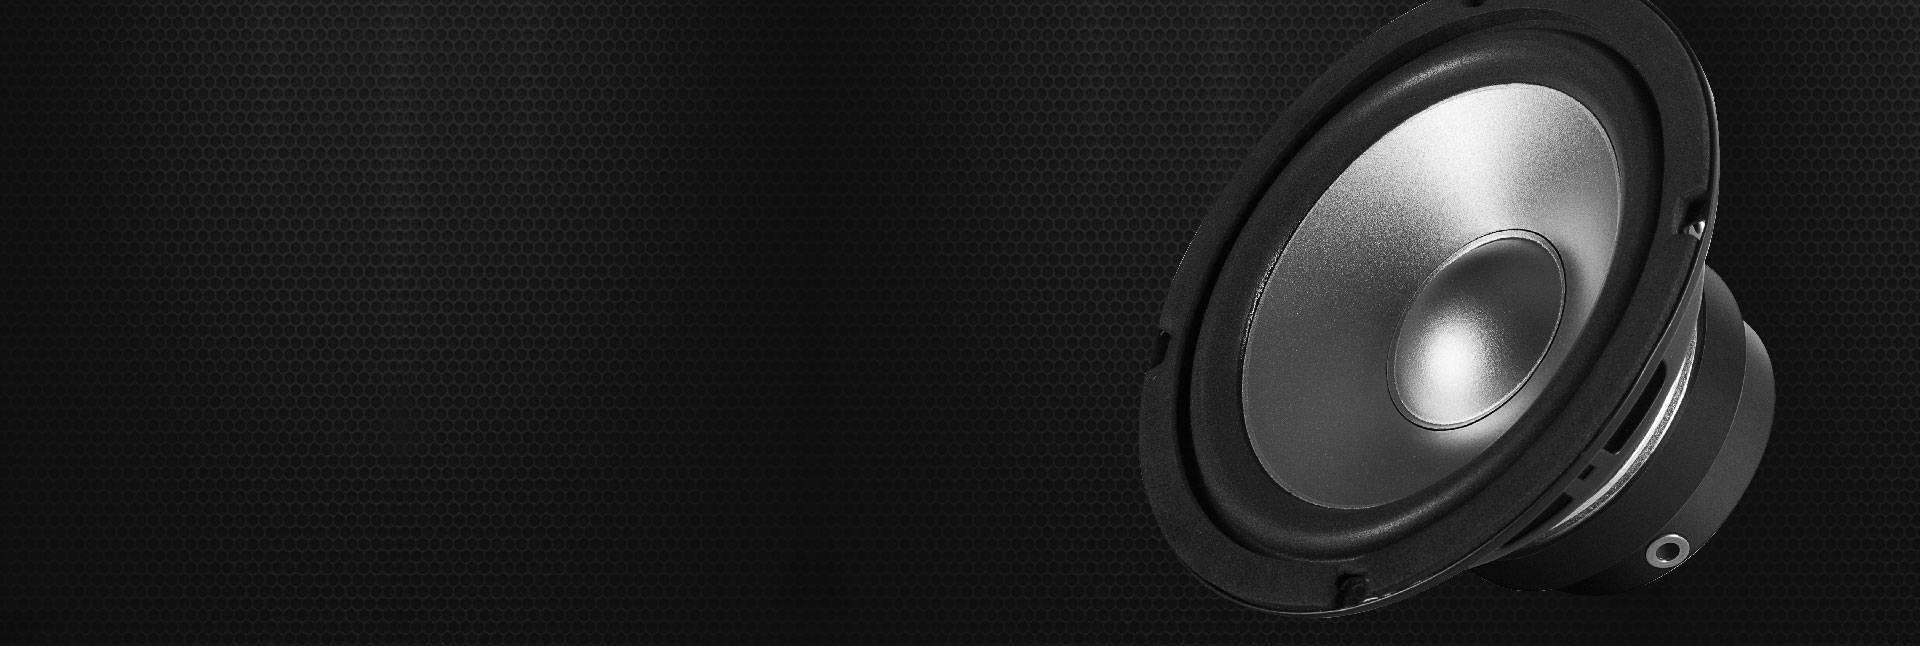 Edifier x230 multimedia gaming speakers in pakistan by www.brandtech.pk 3